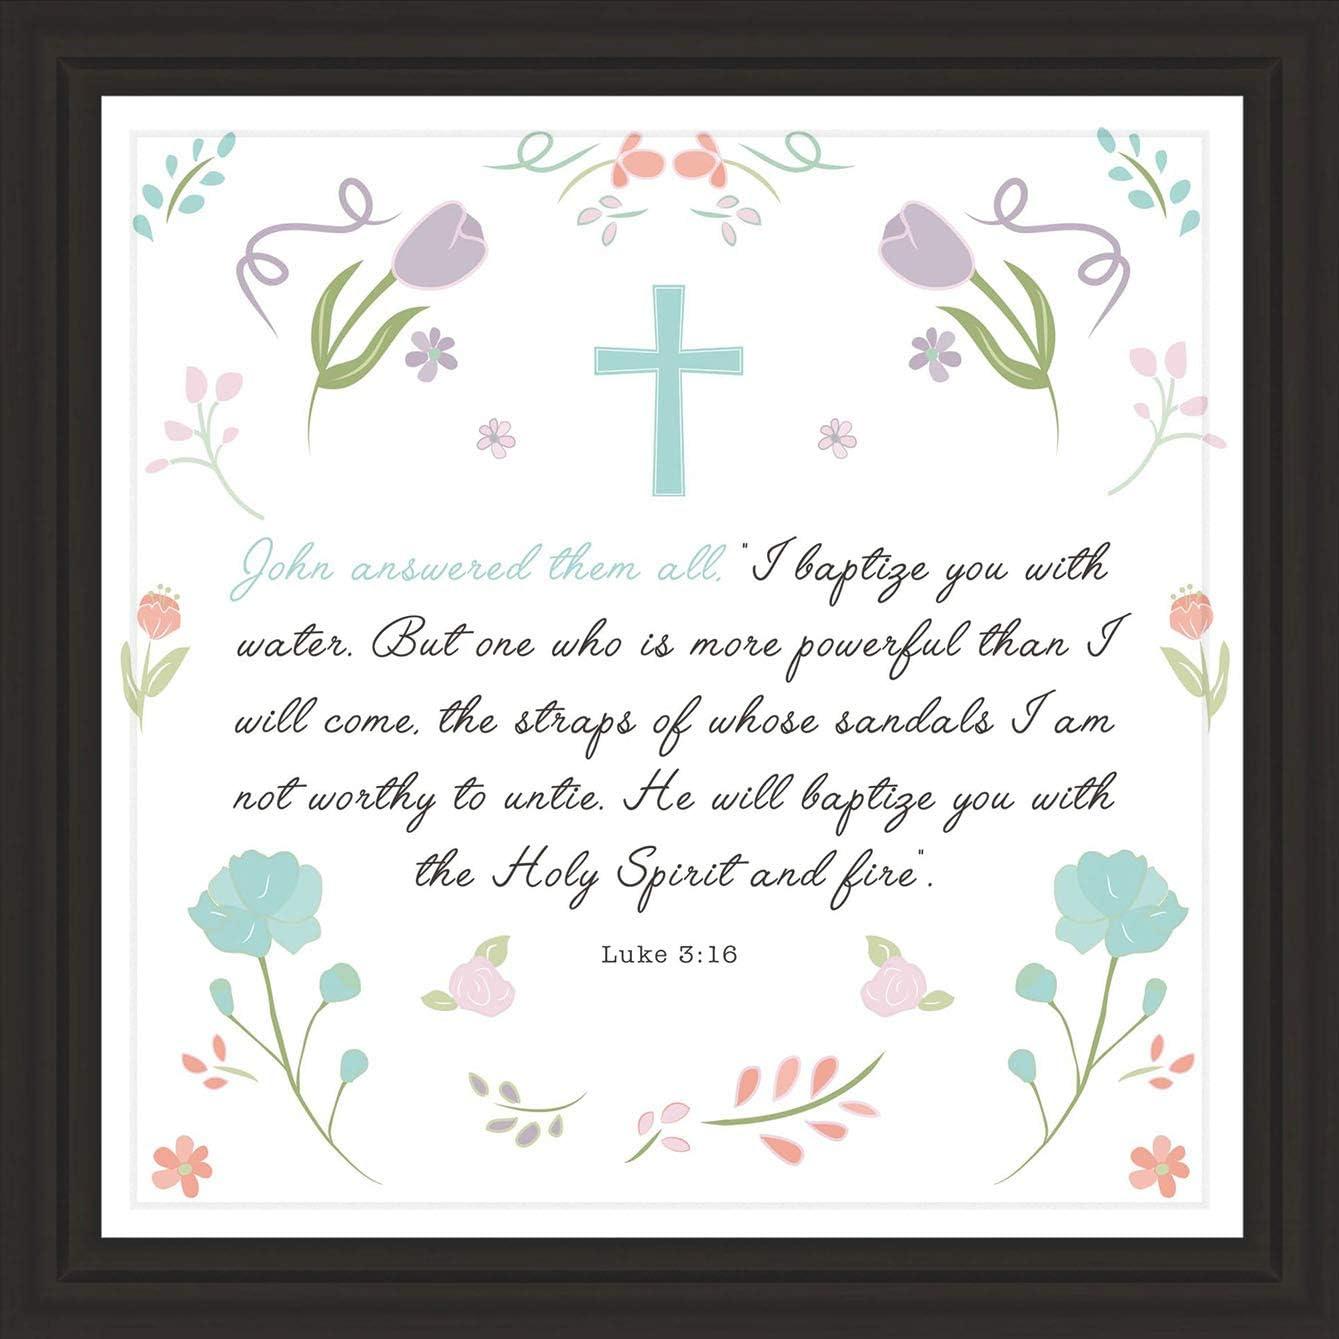 Unconditional Rosie Regalos de Bautizo | 18 x 7 cm | Decoración de Bautizo para niños y niñas | Regalo católico Padrinos | Regalo Ideal para la Hija y el diosino | Hermoso Arte para bautismos de bebé